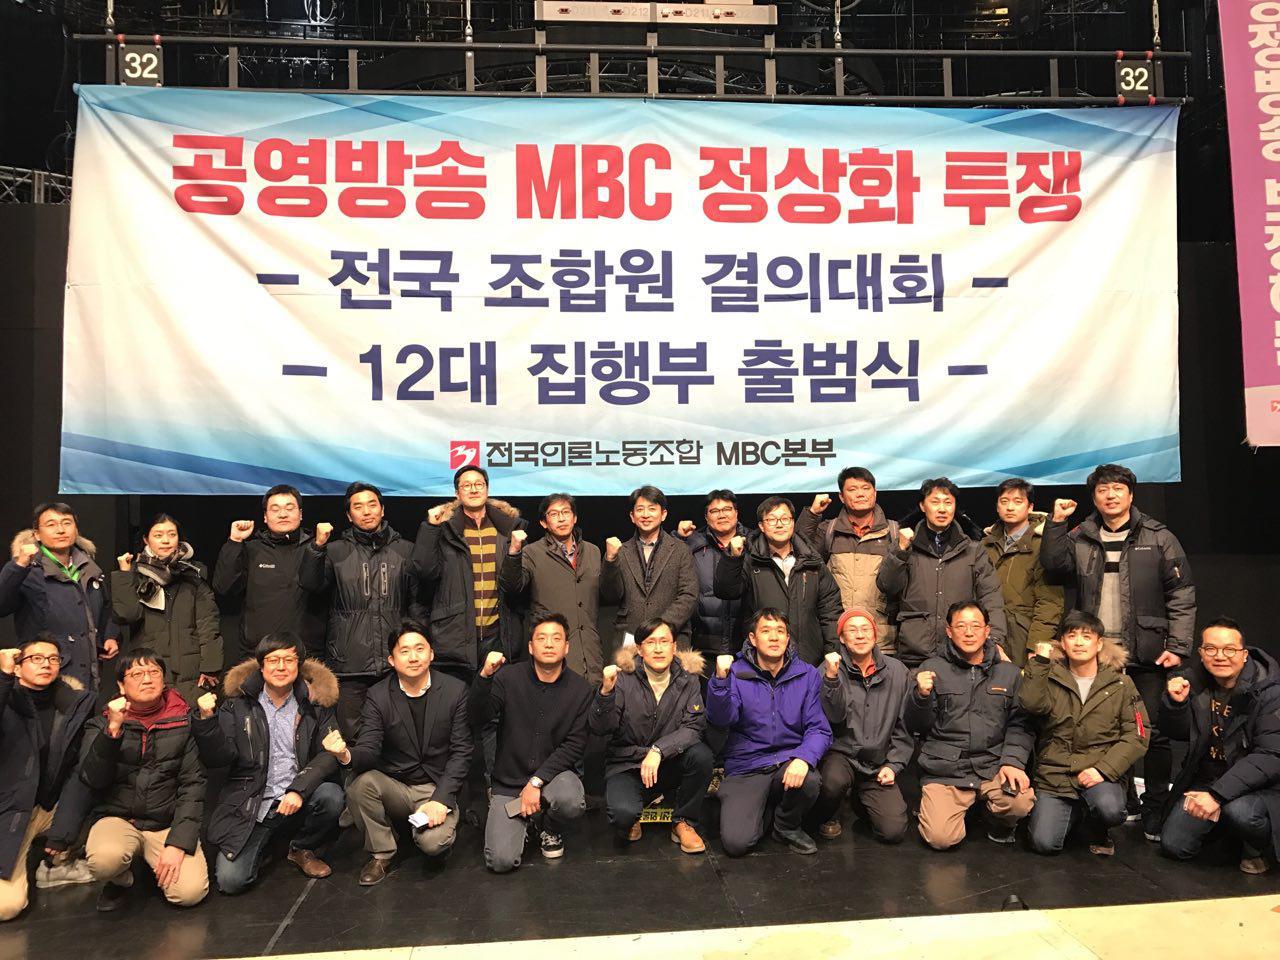 공영방송 MBC정상화 투쟁.jpg